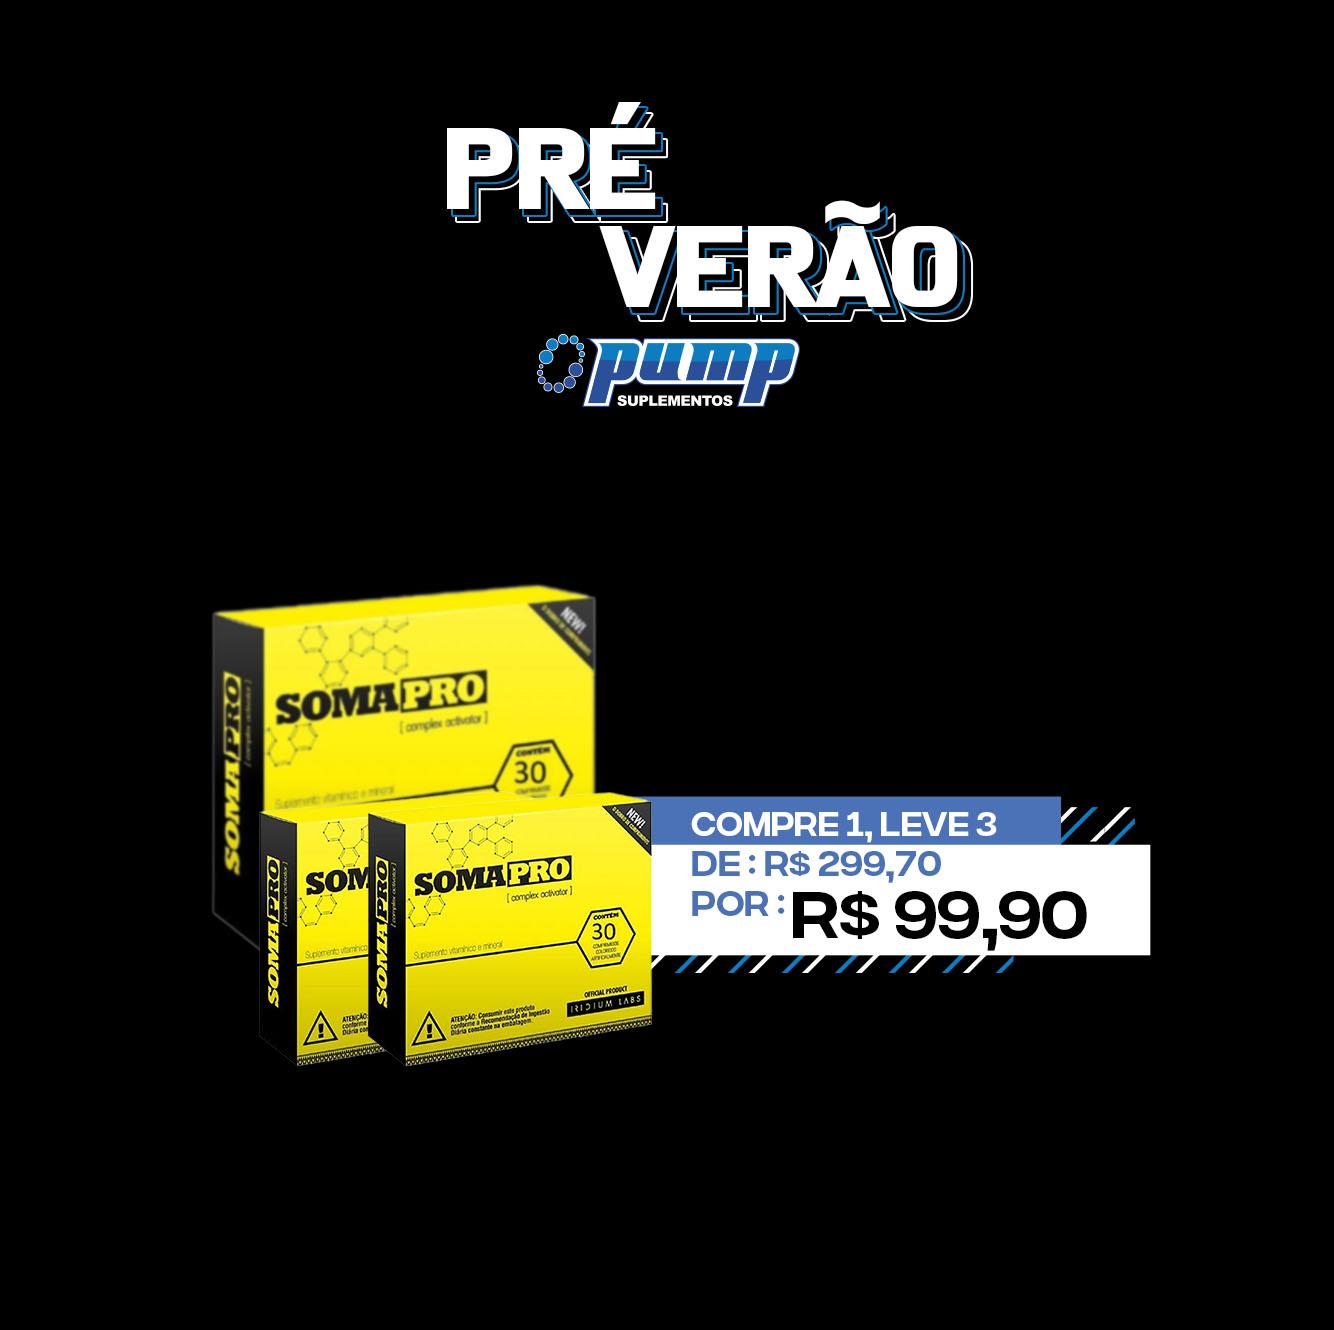 PRÉ VERÃO - Somapro